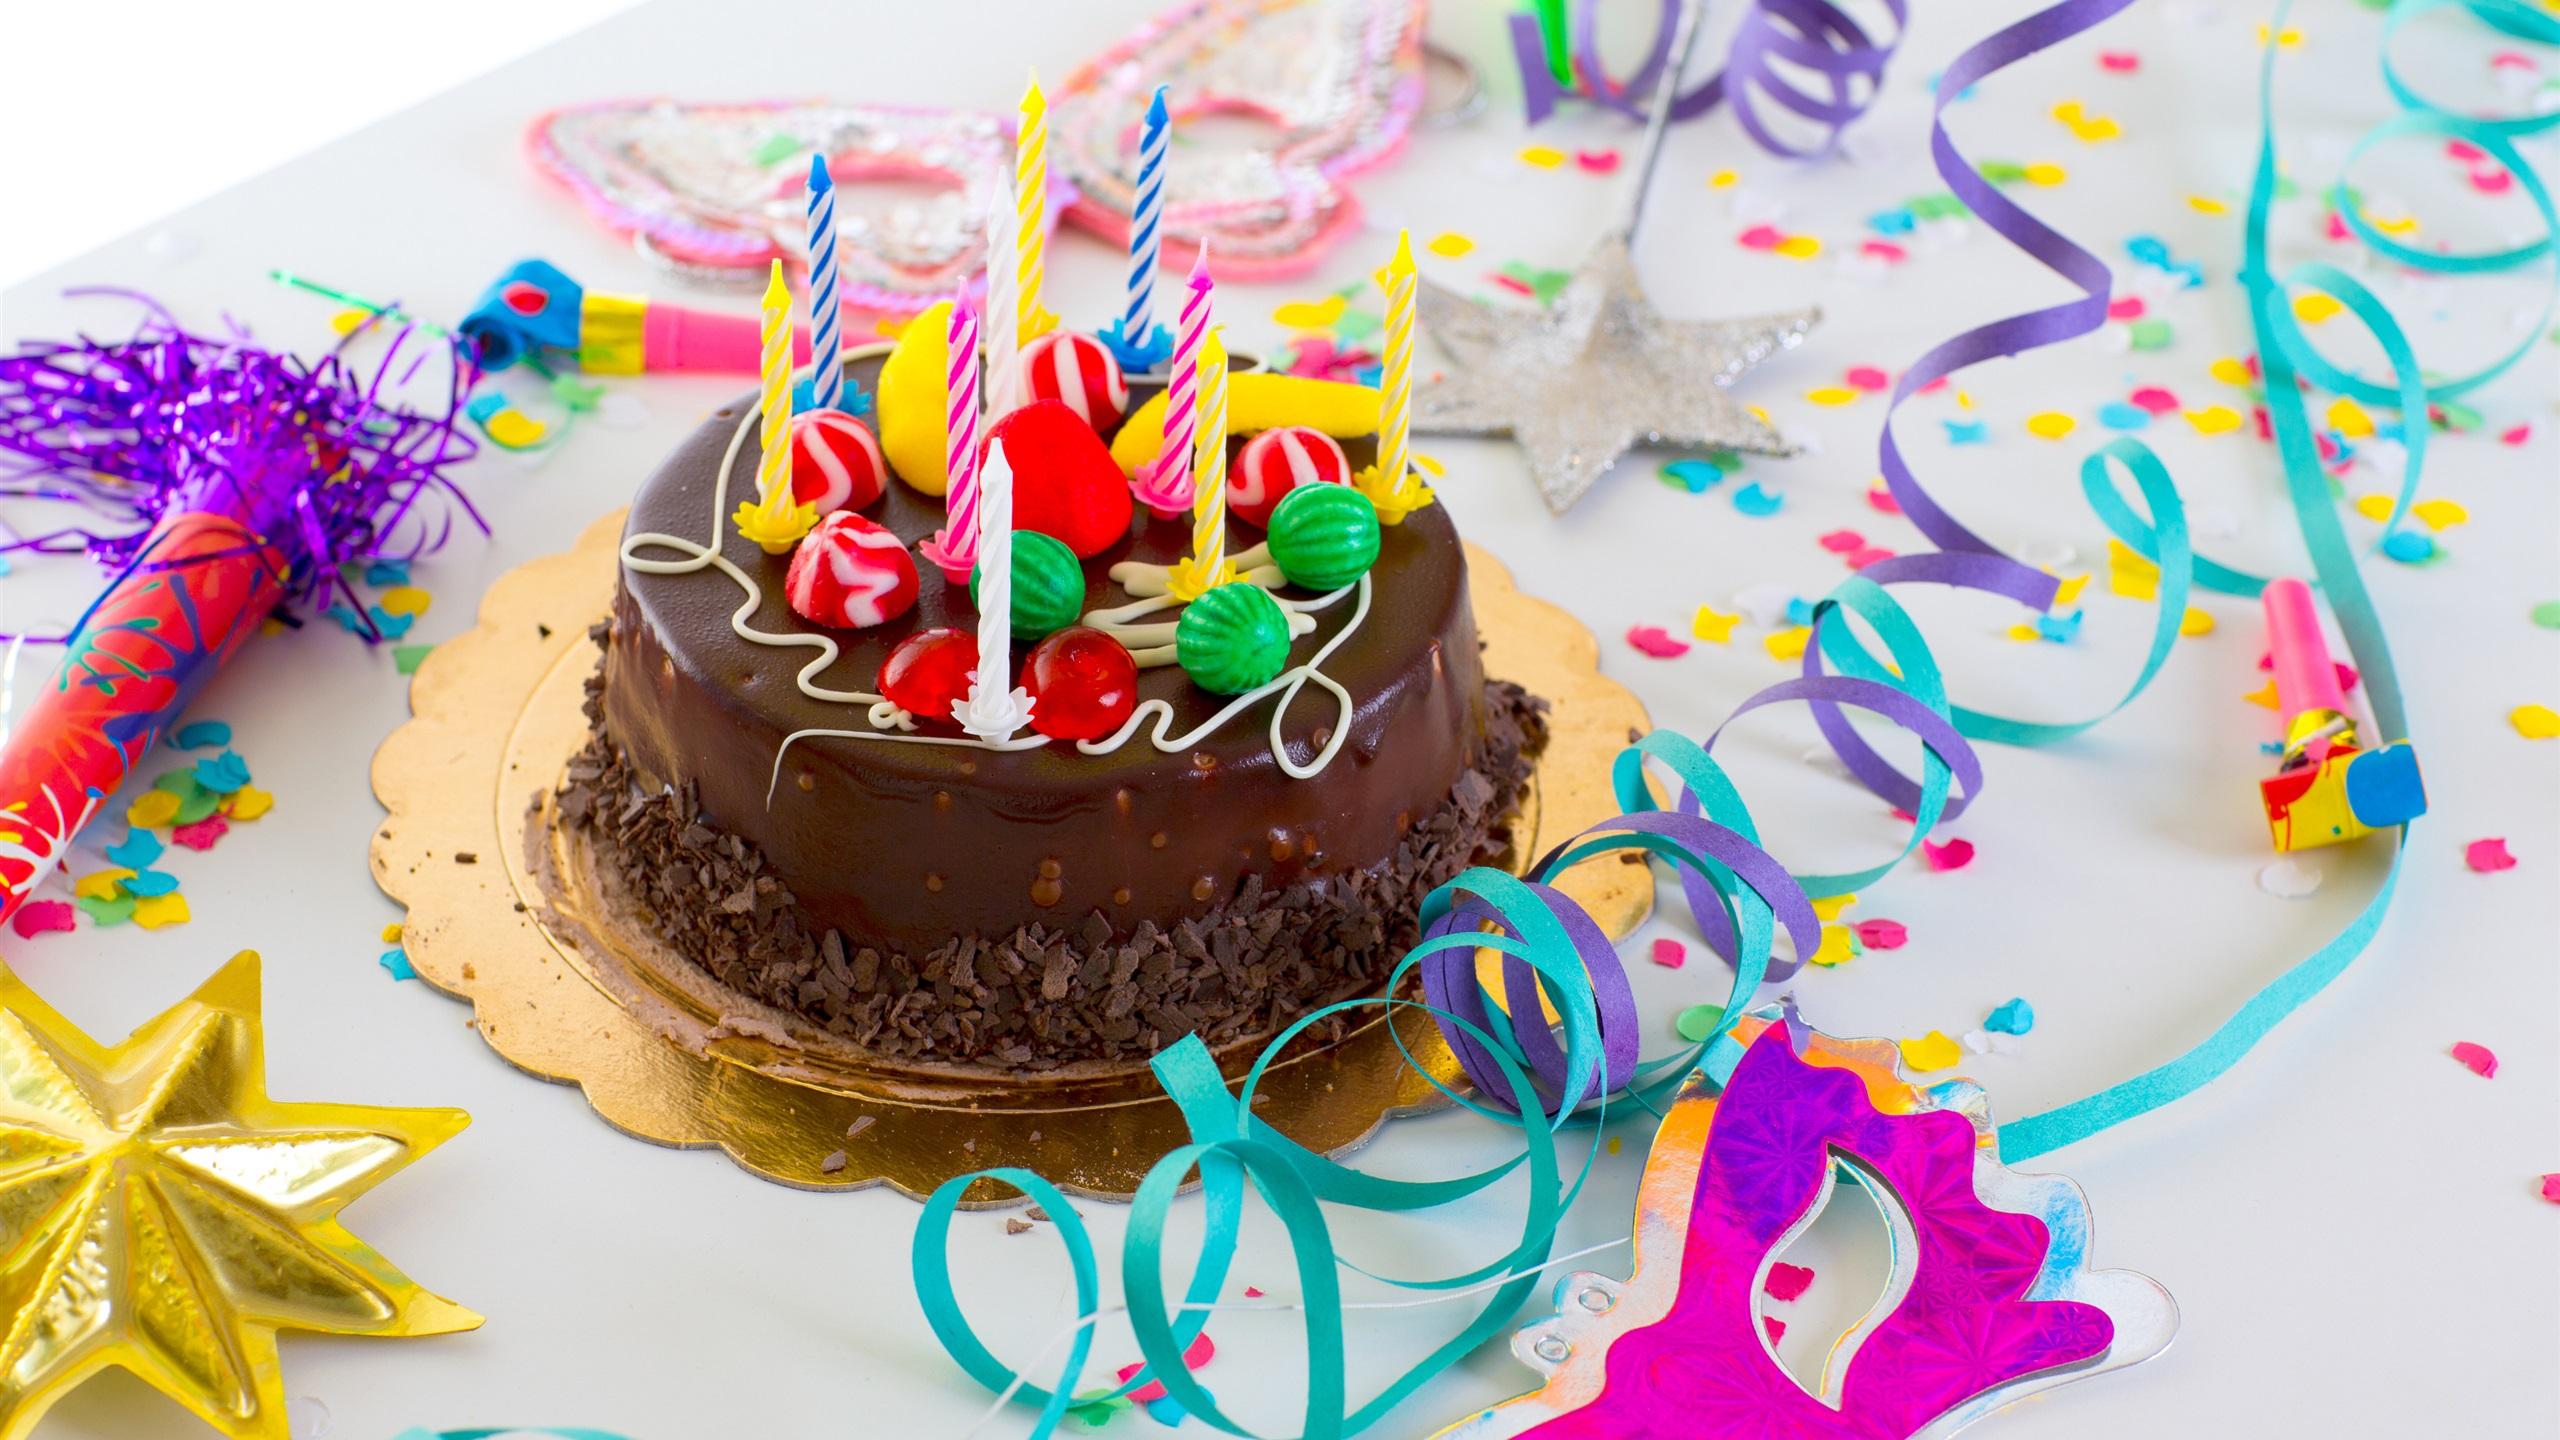 Поздравления с днем рождения торты 2